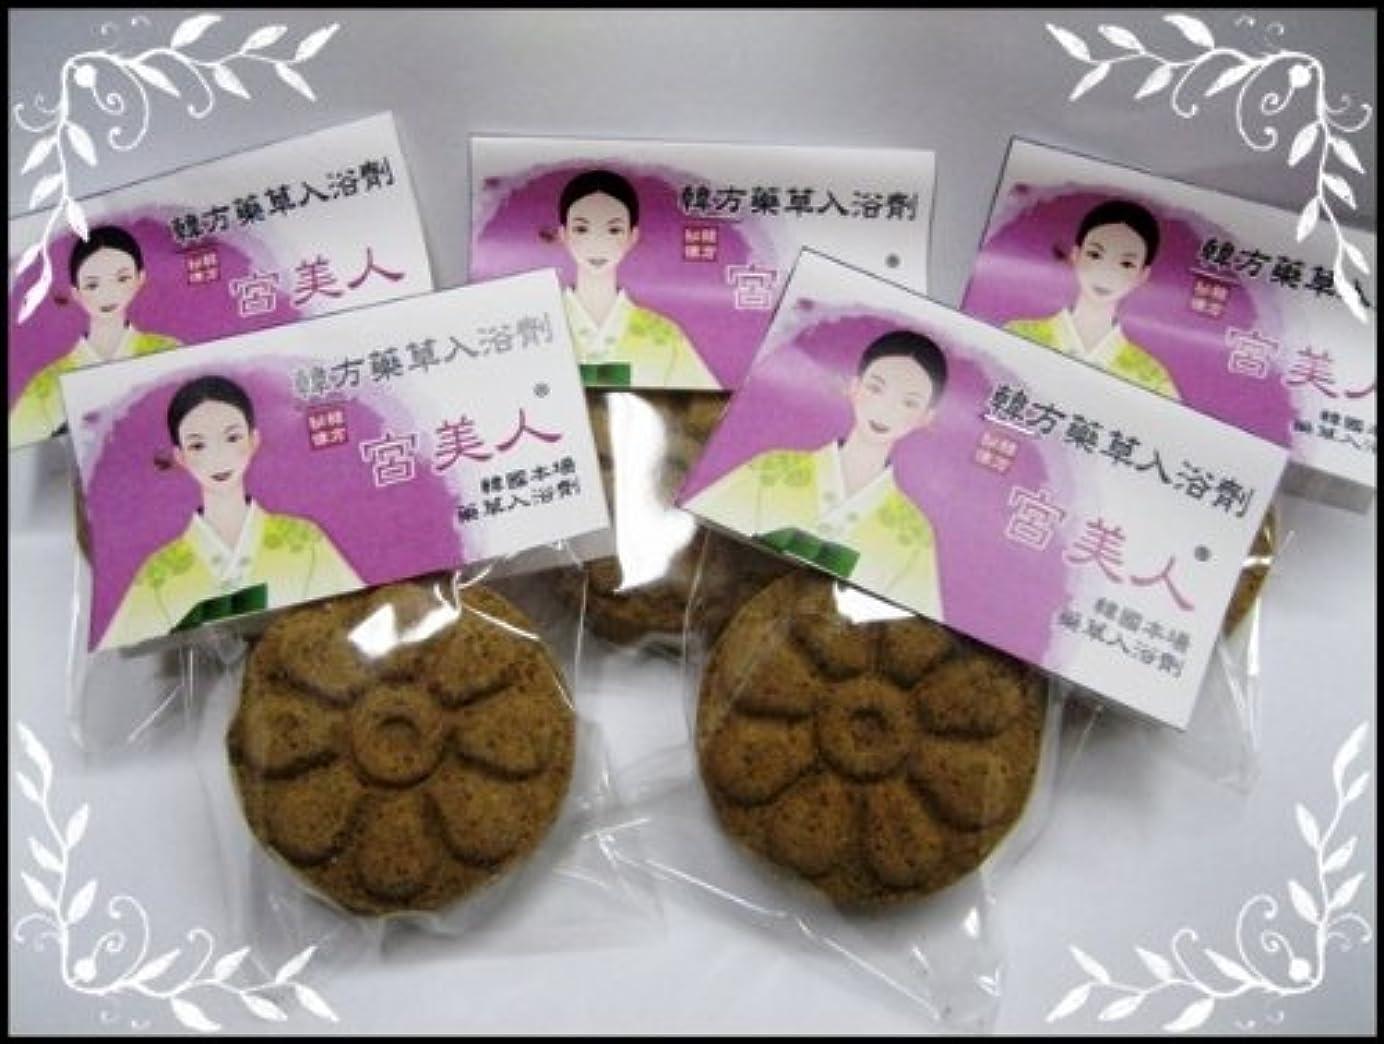 持続的シンポジウムピケ体の温度を1度を上げる韓方薬草宮美人ー ばら売り  ikkoの本に紹介